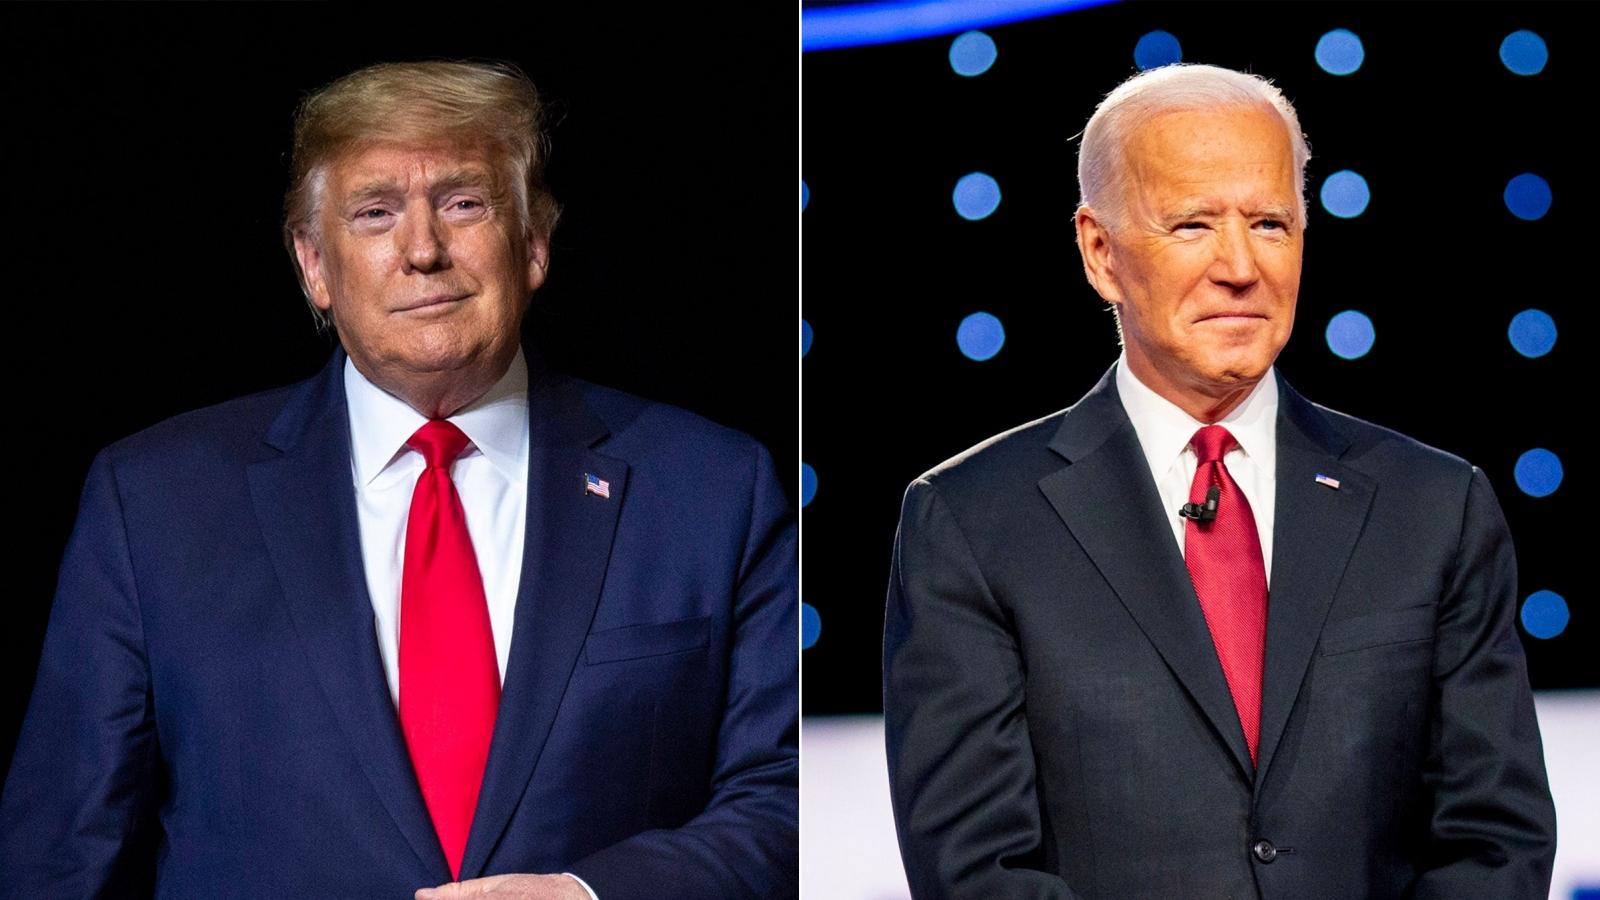 """Cuộc tranh luận Tổng thống Mỹ đầu tiên: """"Hỗn loạn đối đầu Trump-Biden"""""""